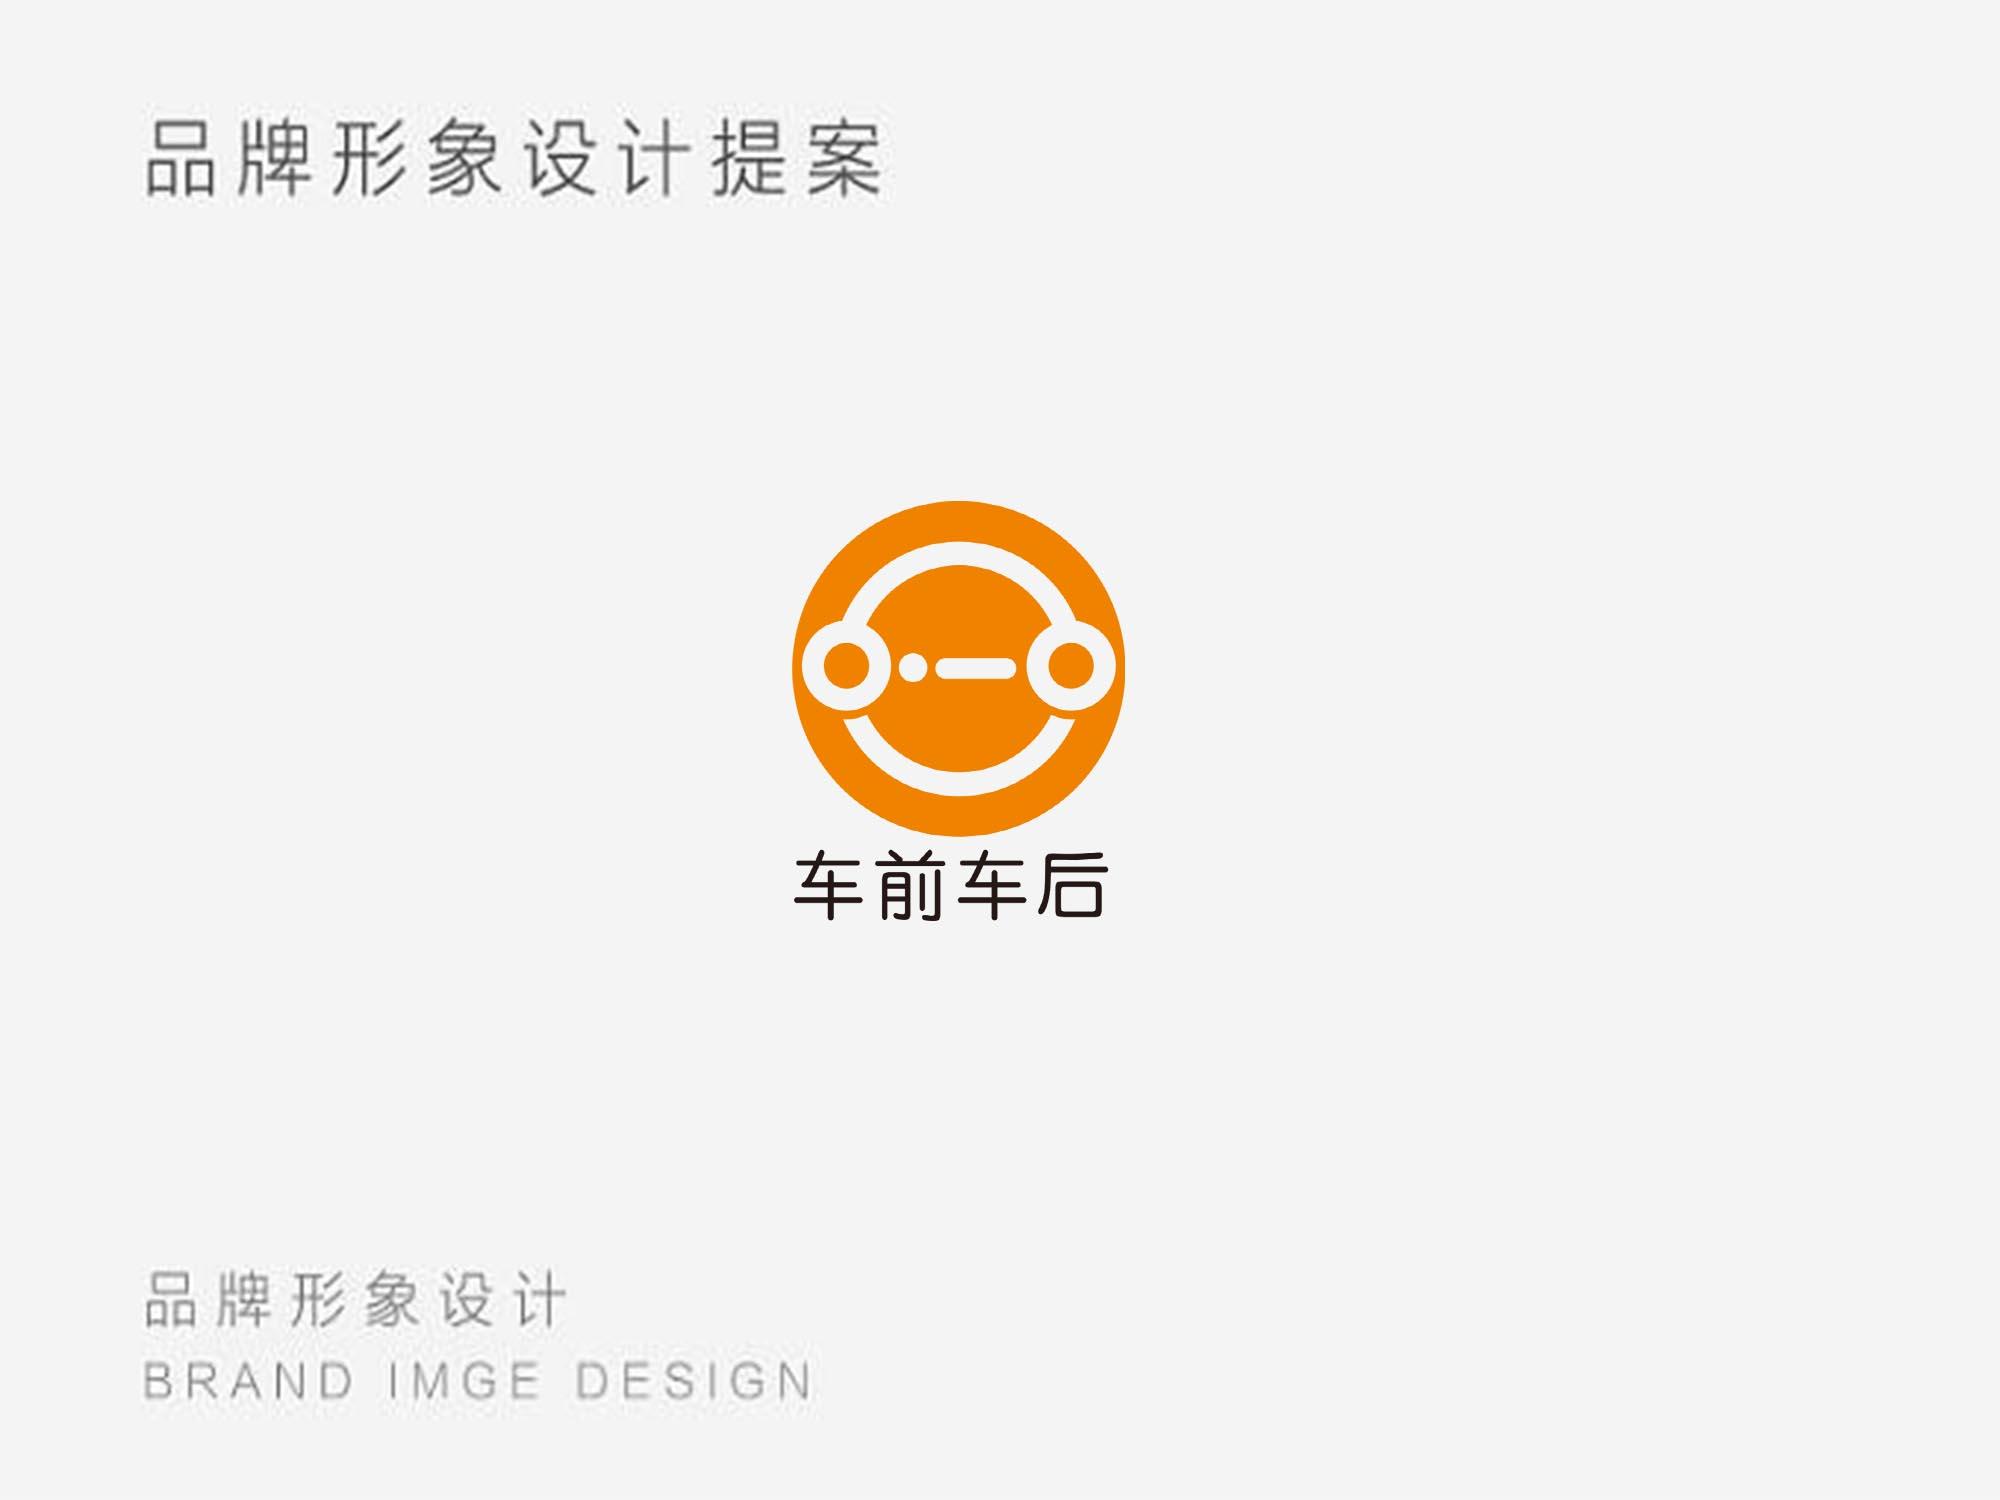 公司LOGO设计_3033547_k68威客网